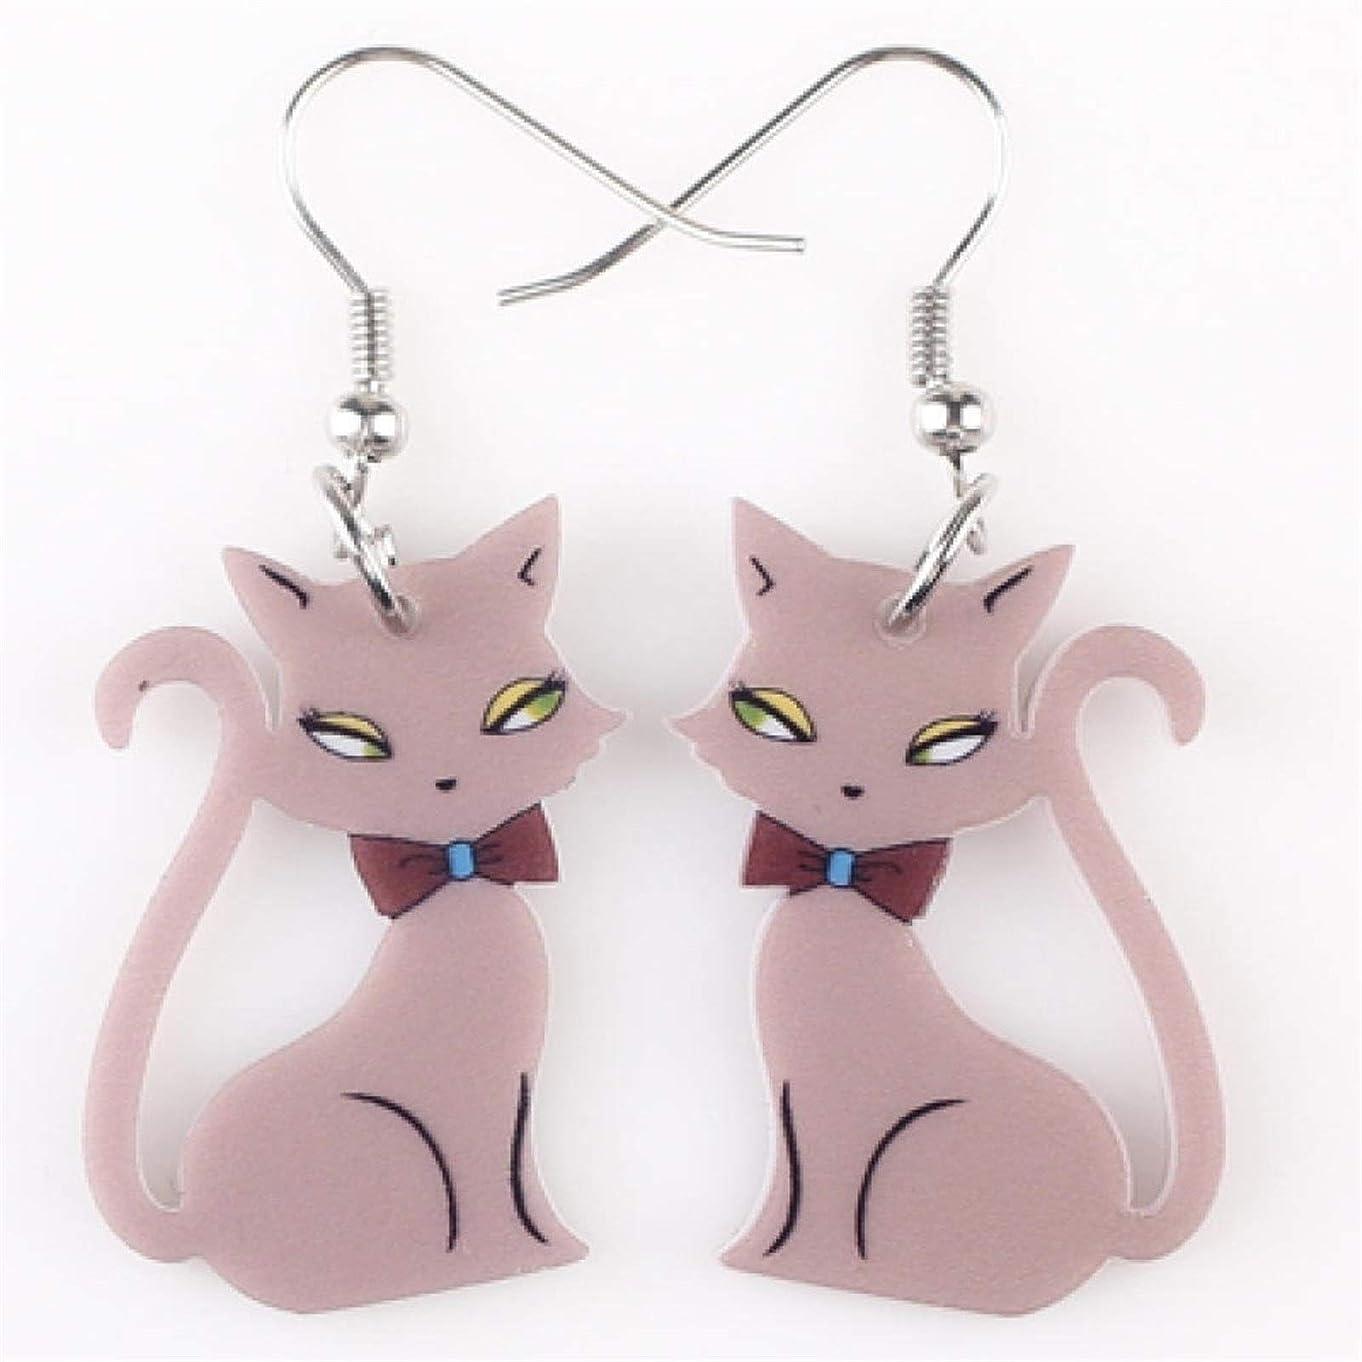 行政苦難シガレットアクリルプリントペンダント猫のイヤリング長い大きなイヤリングのファッションスタイルの女性のジュエリーアクセサリー HappyL (Color : Brwon)